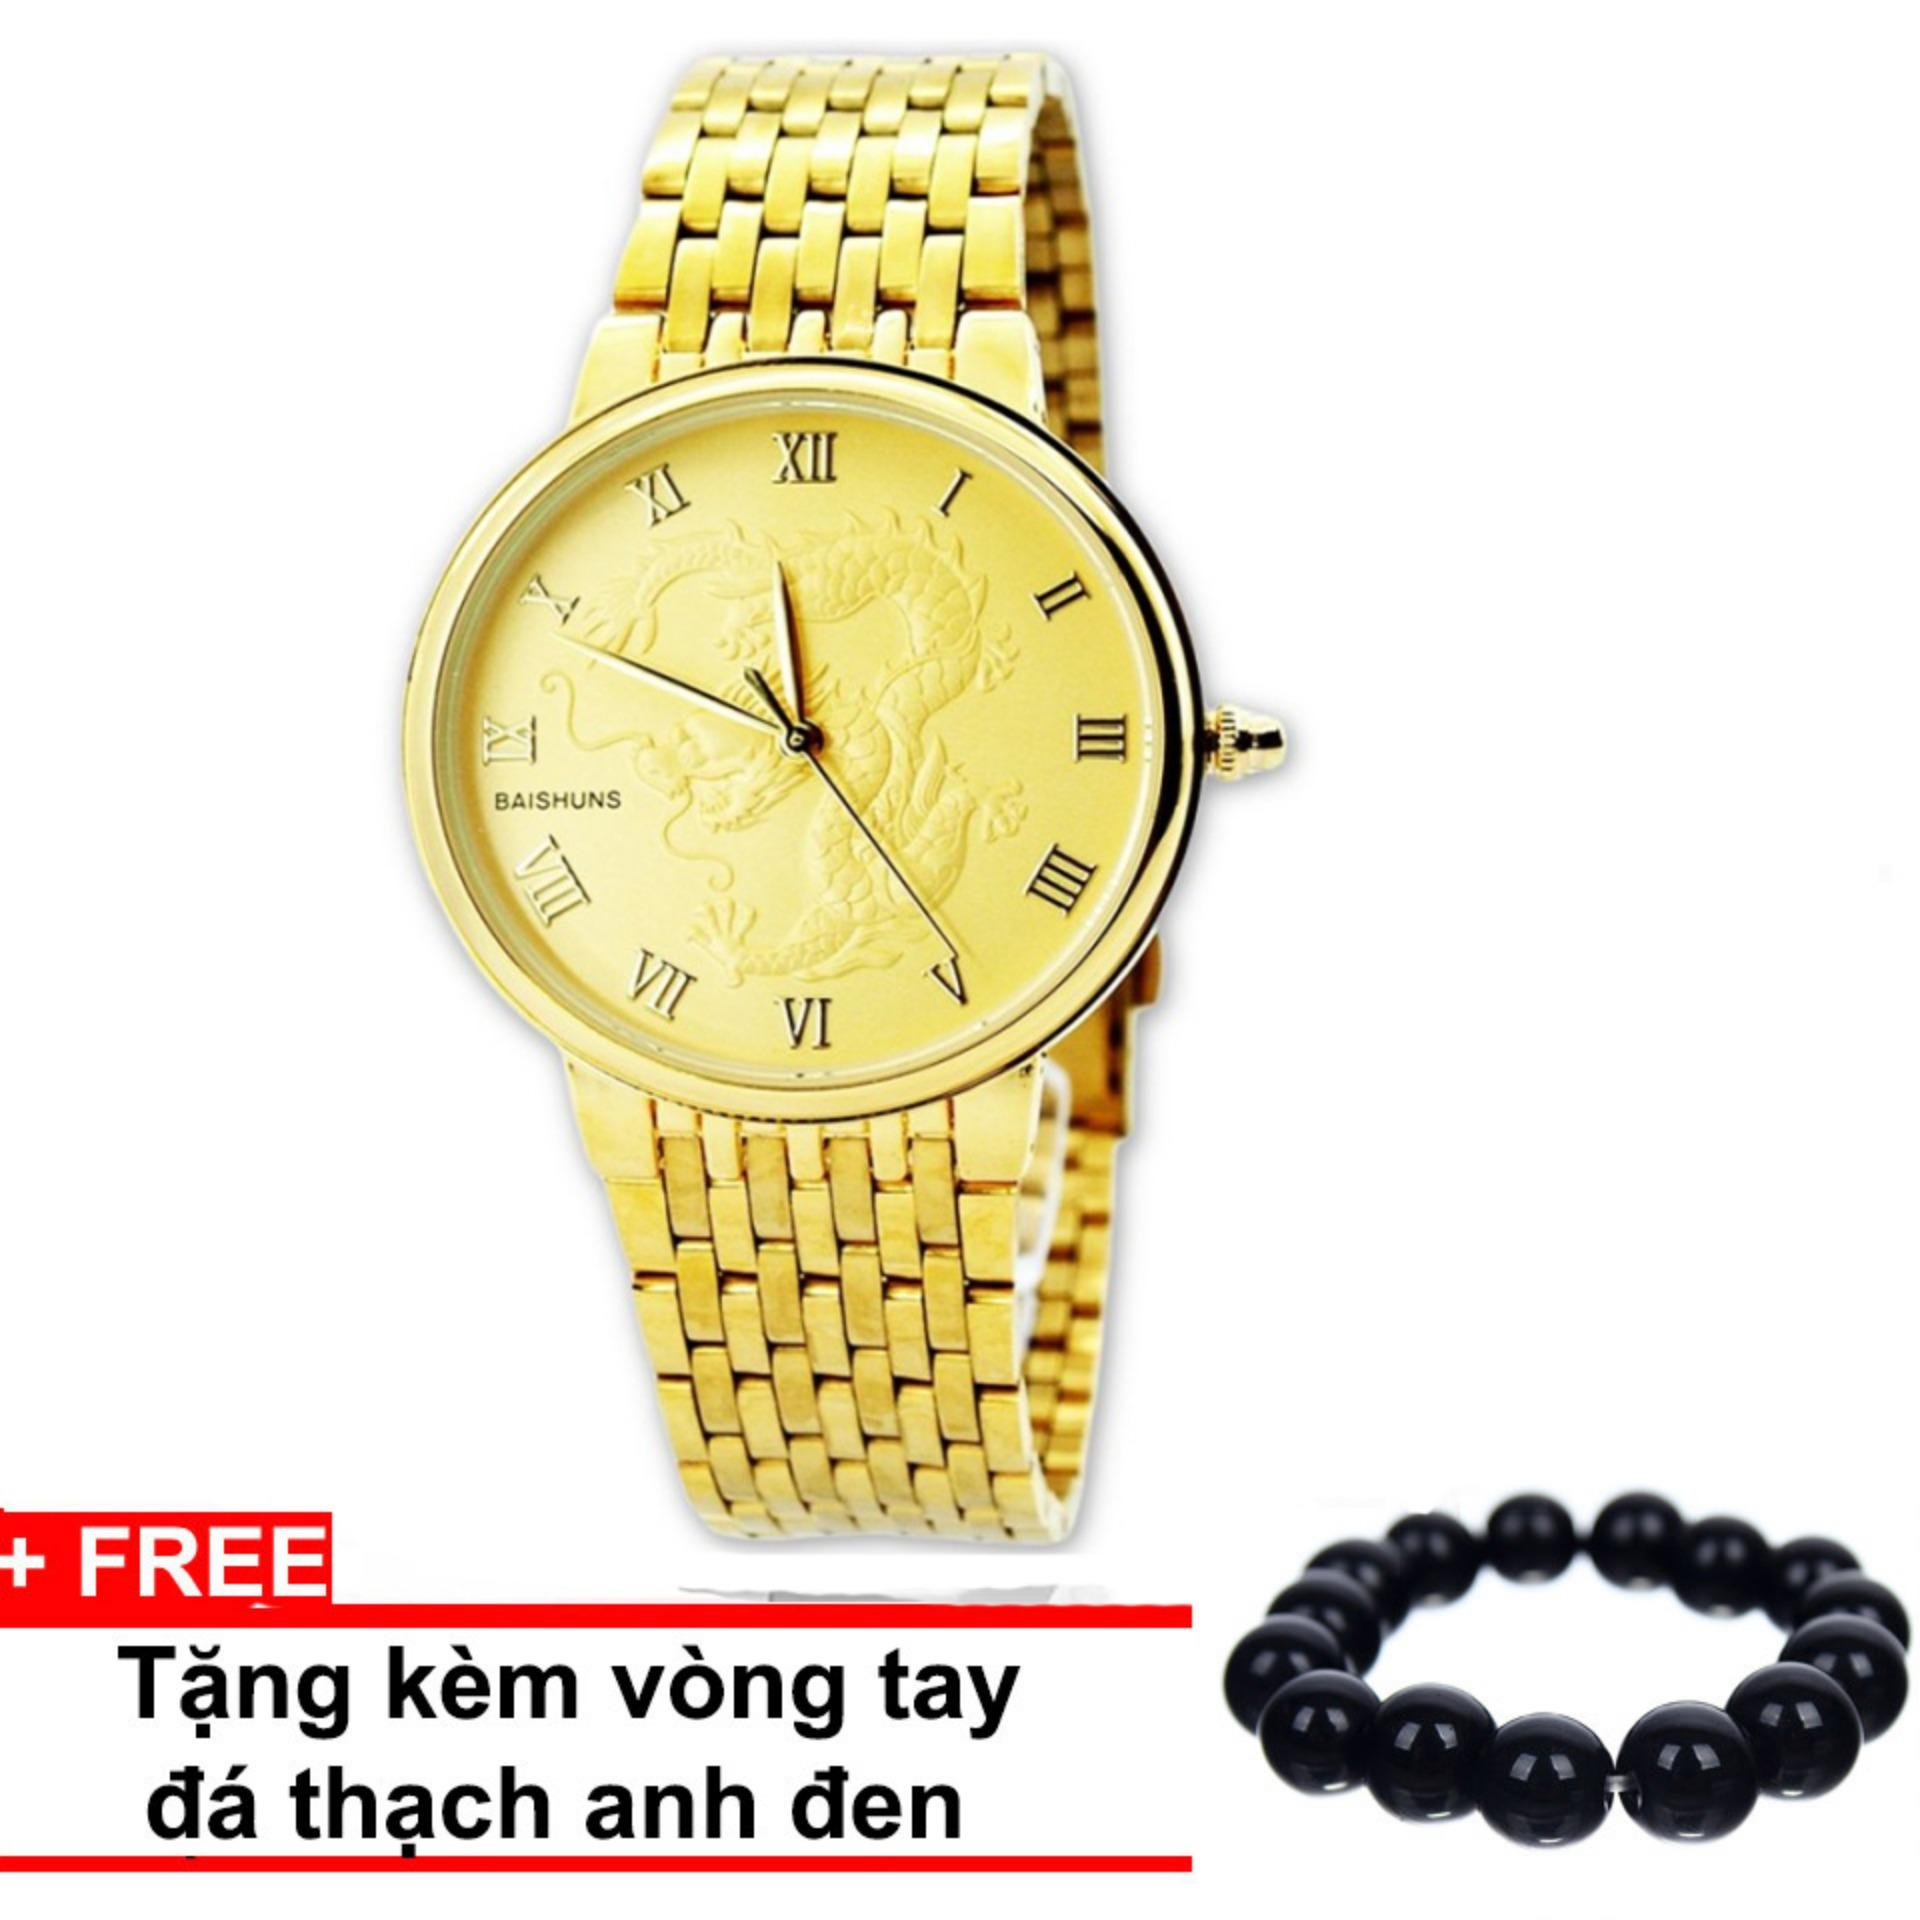 Đồng hồ nam mặt đúc rồng mạ vàng BAISHUNS 2018 (Vàng)+ Tặng kèm vòng tay thạch anh